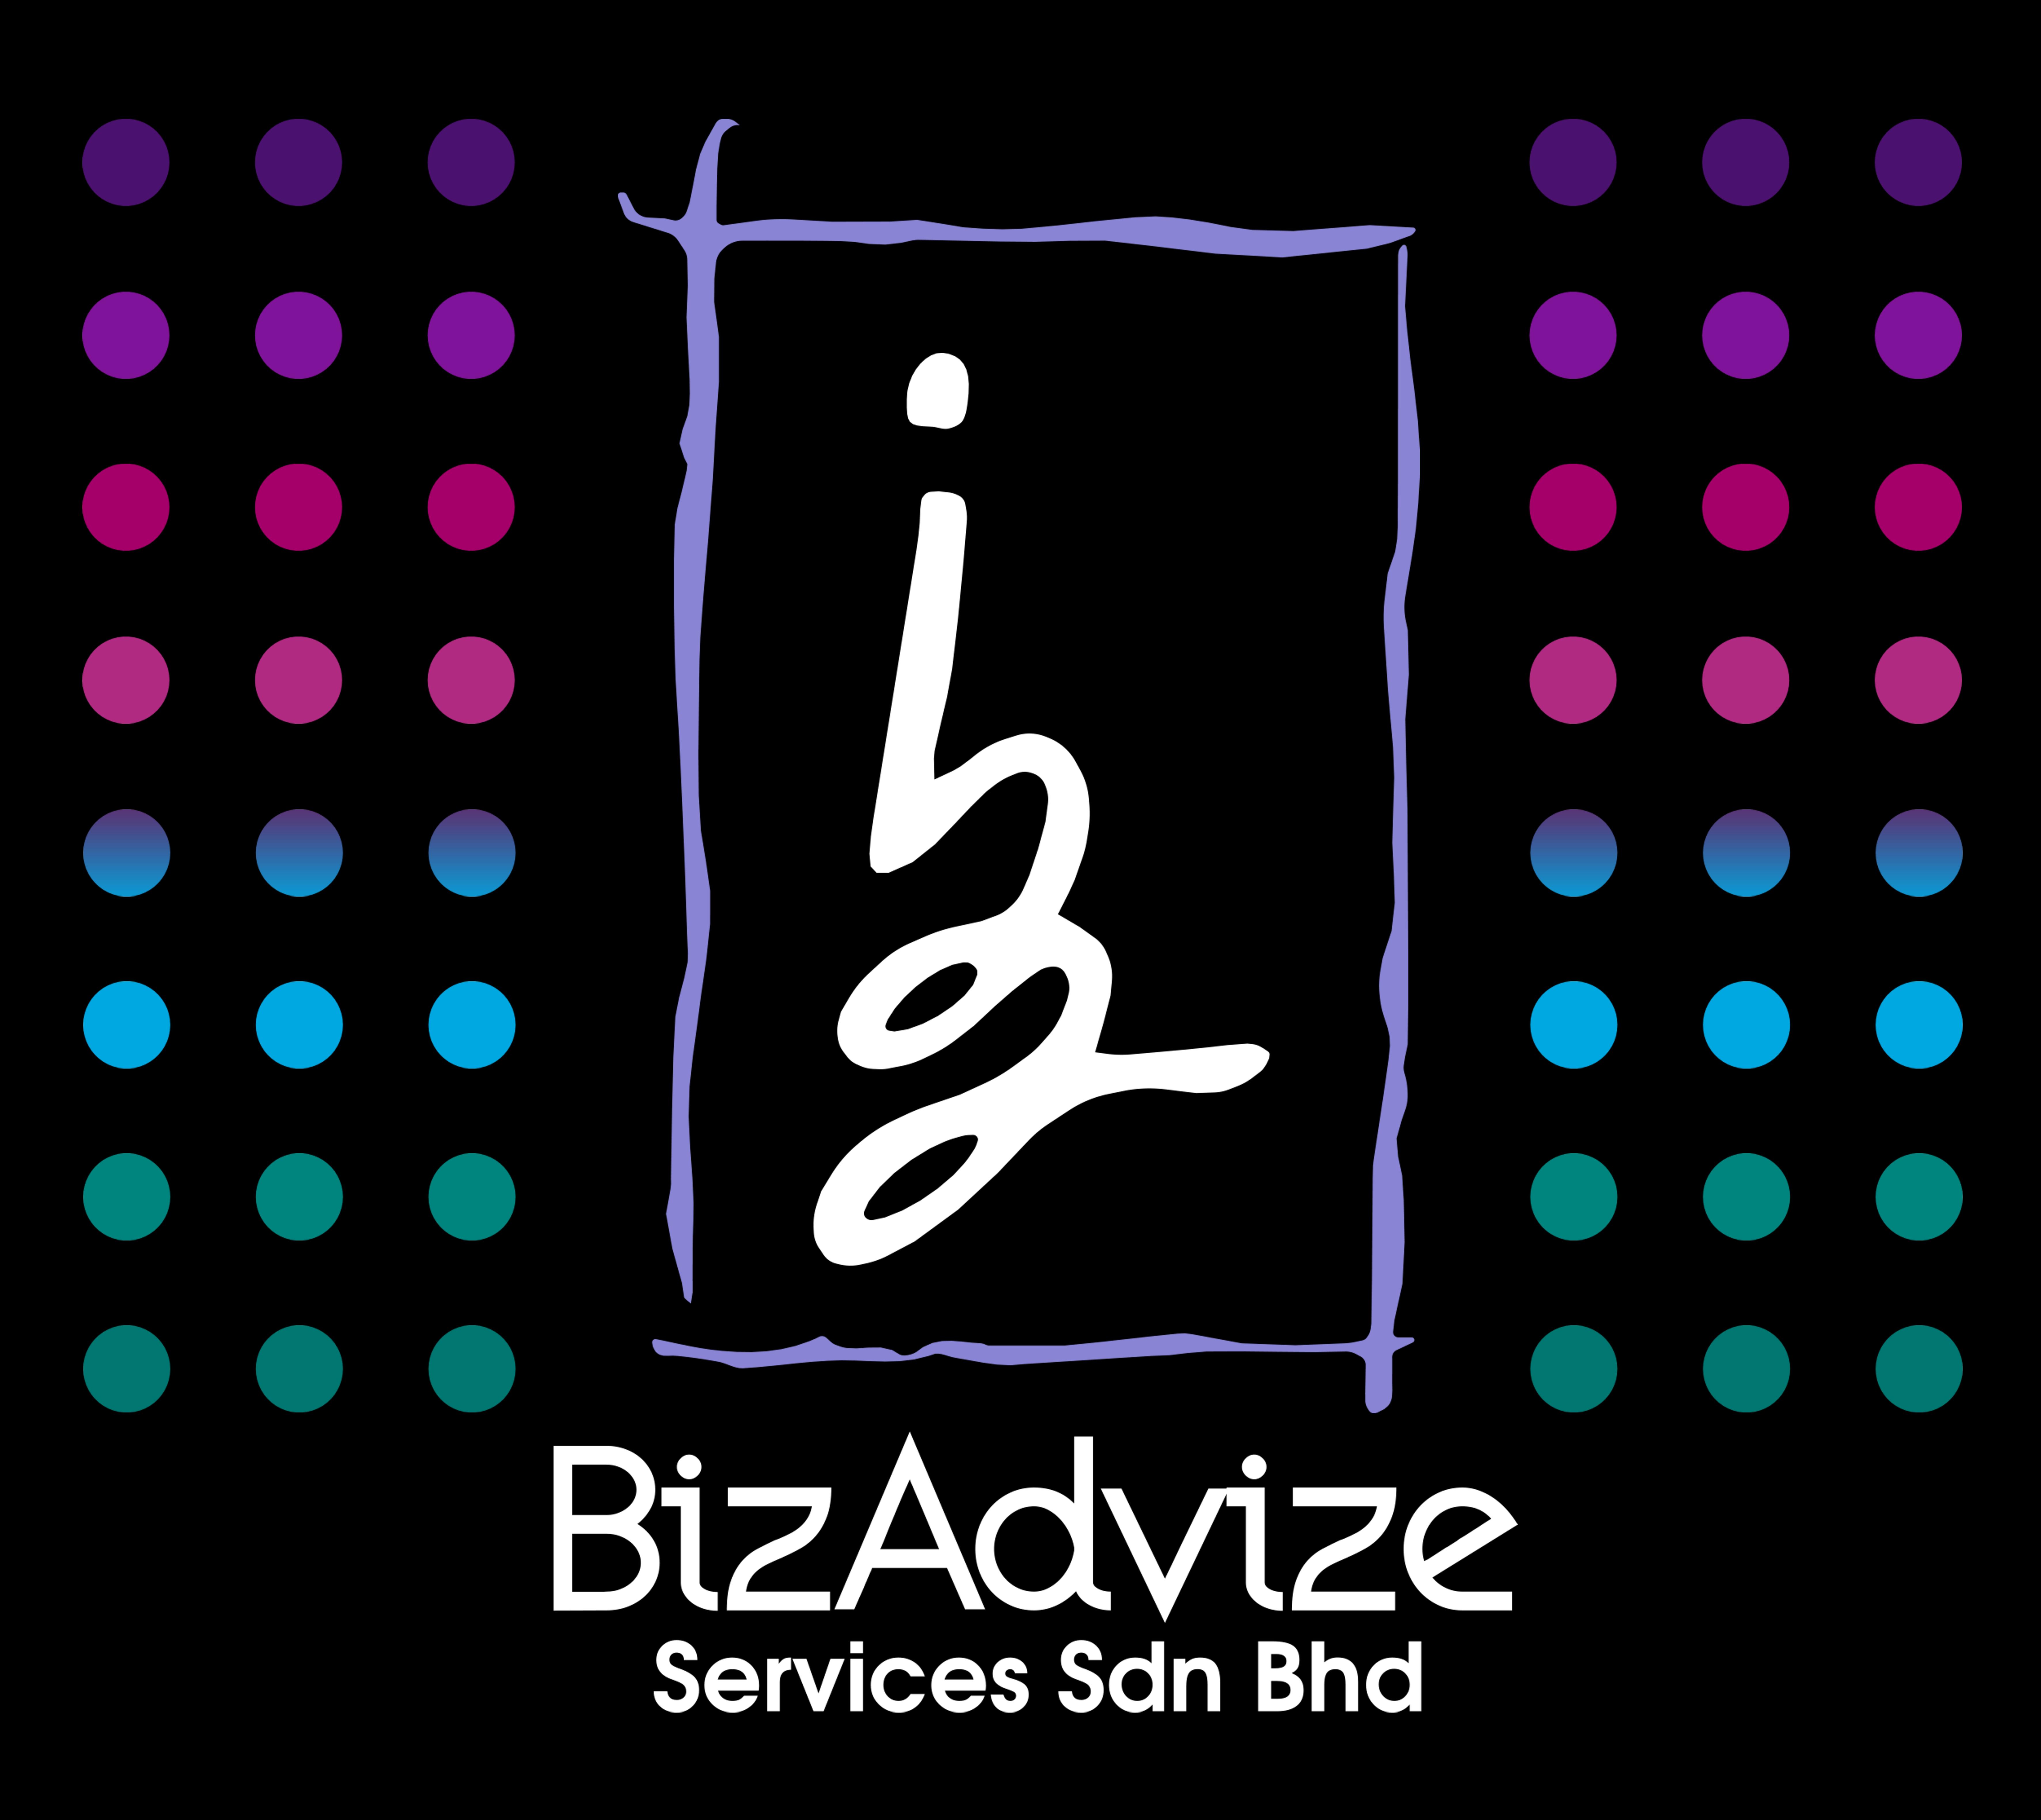 BizAdvize Services Sdn Bhd